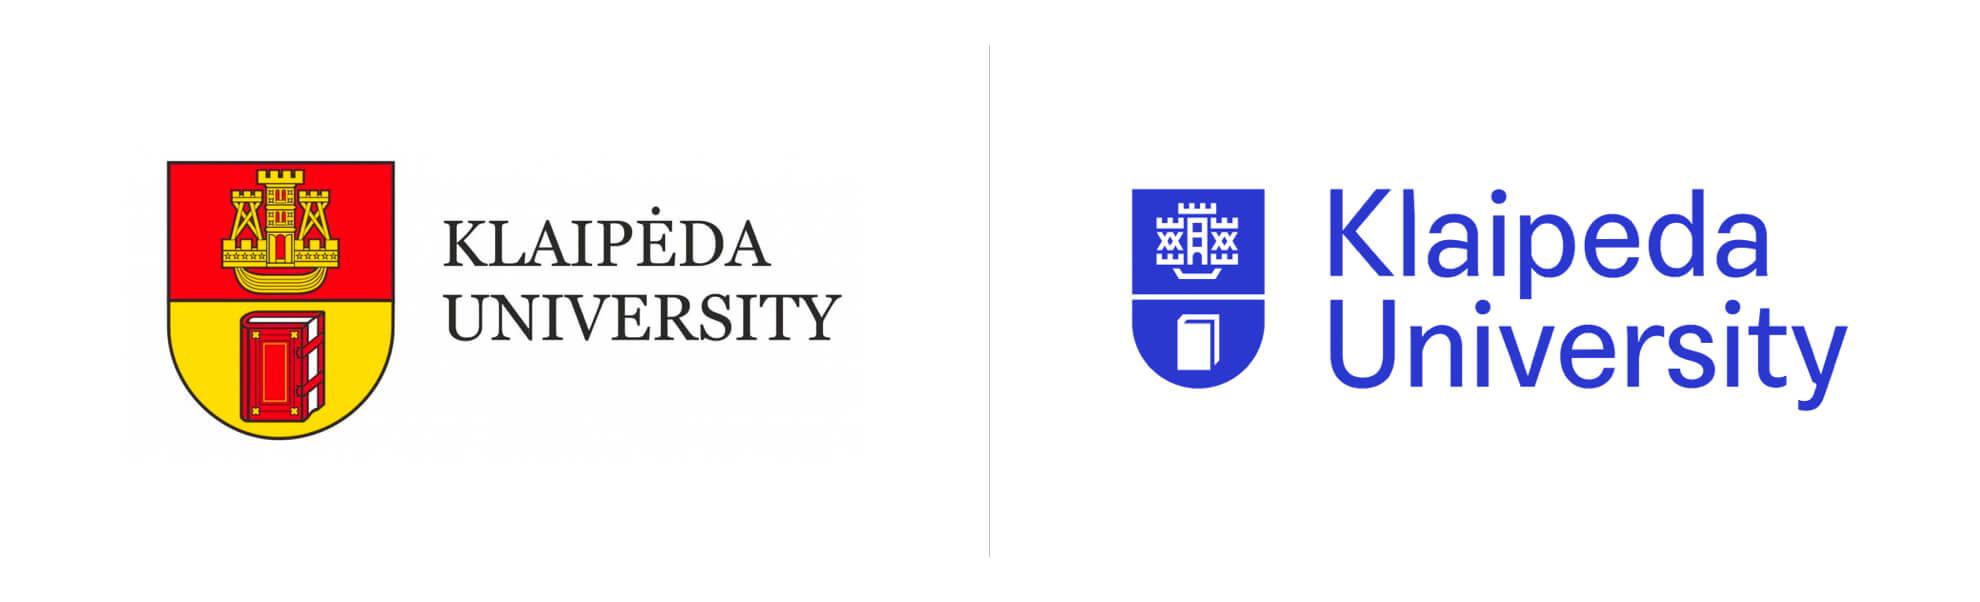 Klaipėda University ma nowe logo